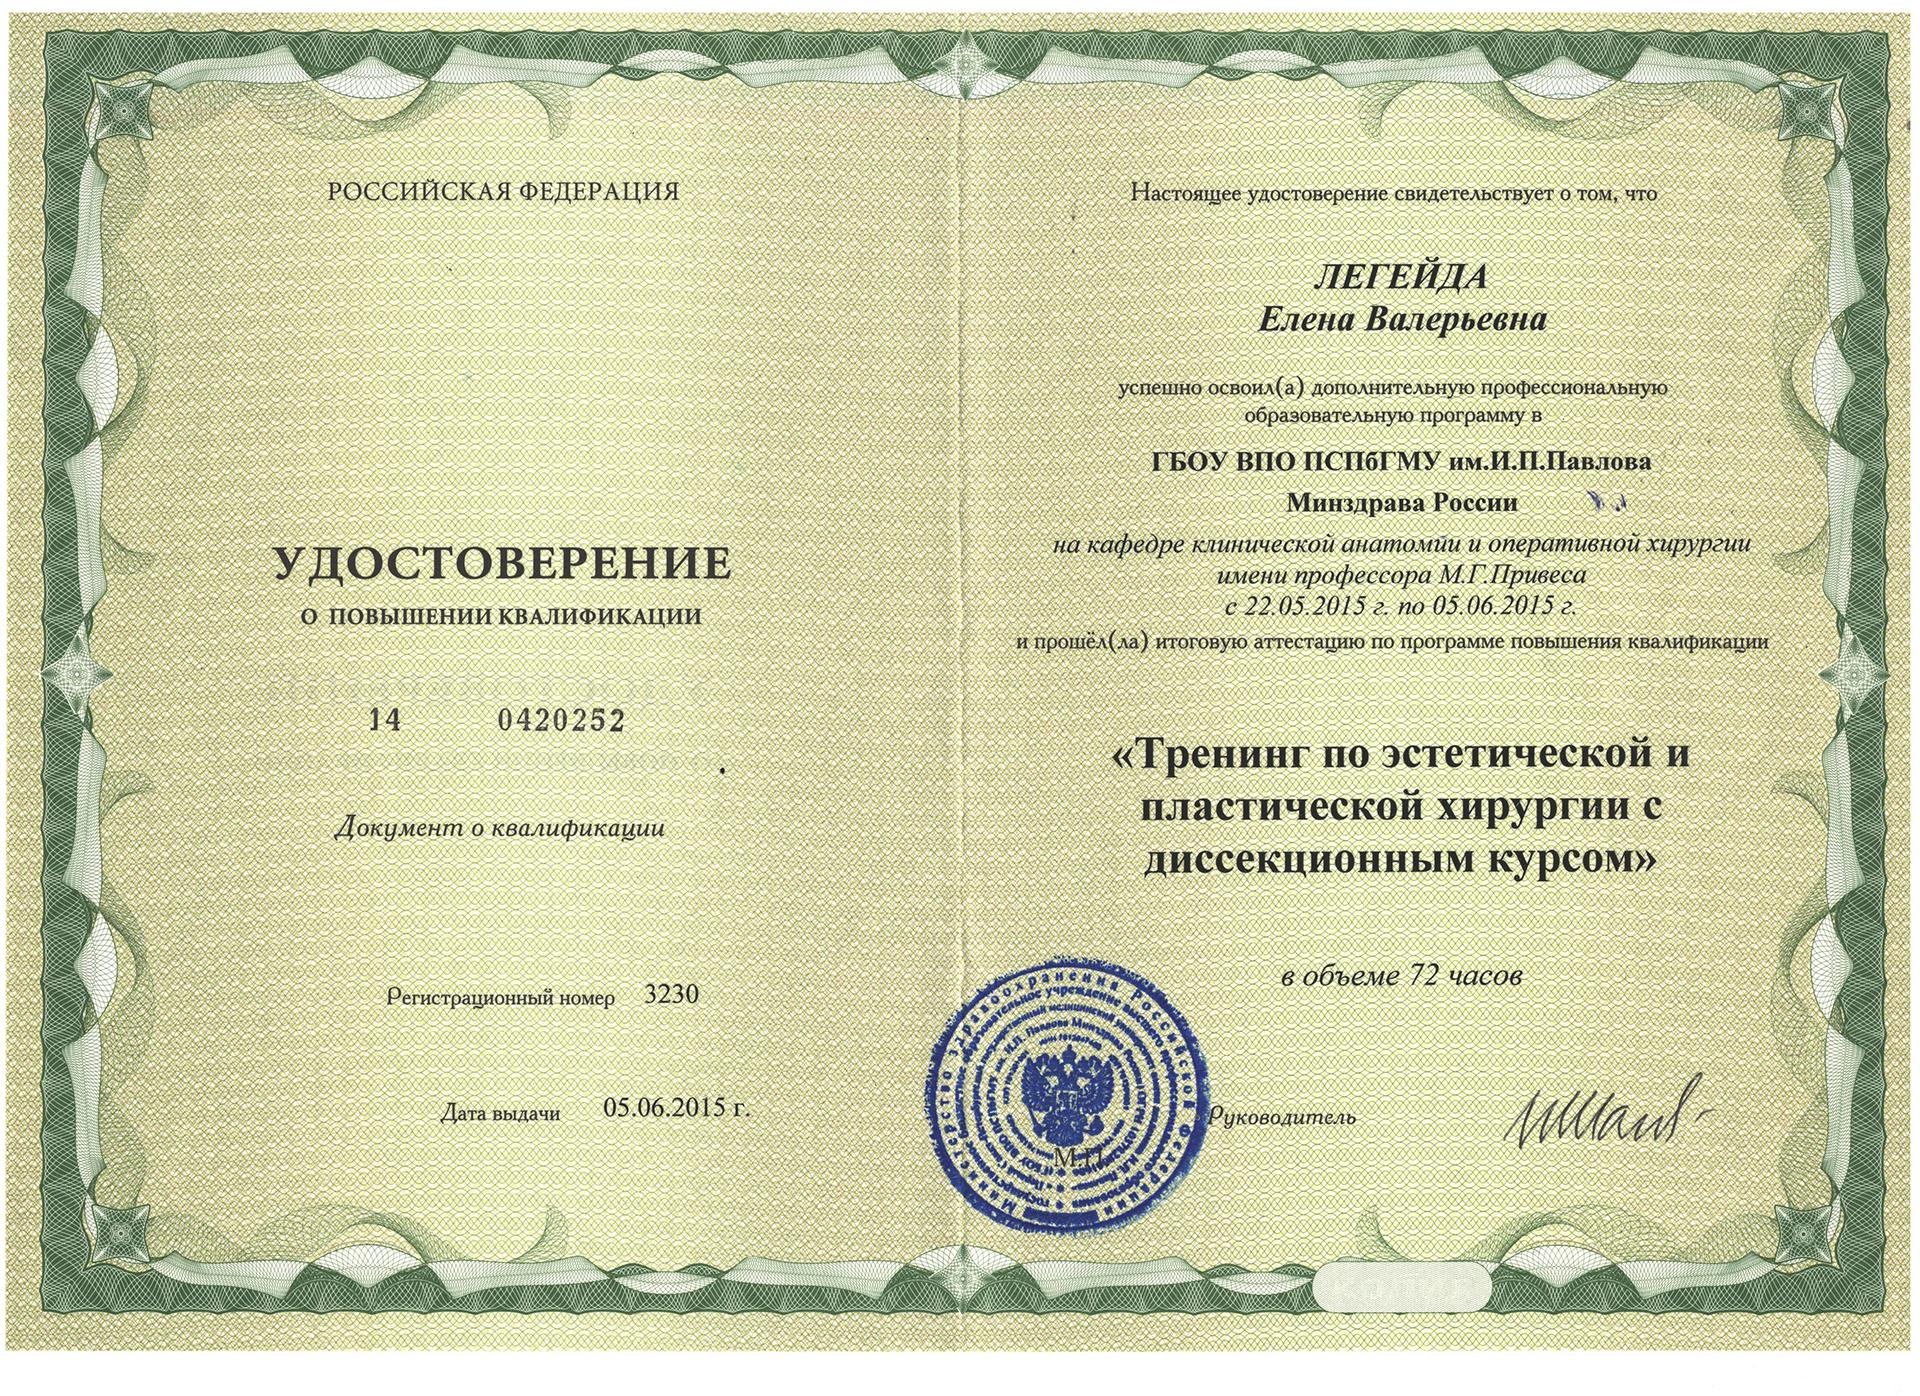 Сертификат — Удостоверение о повышении квалификации. Легейда Елена Валерьевна